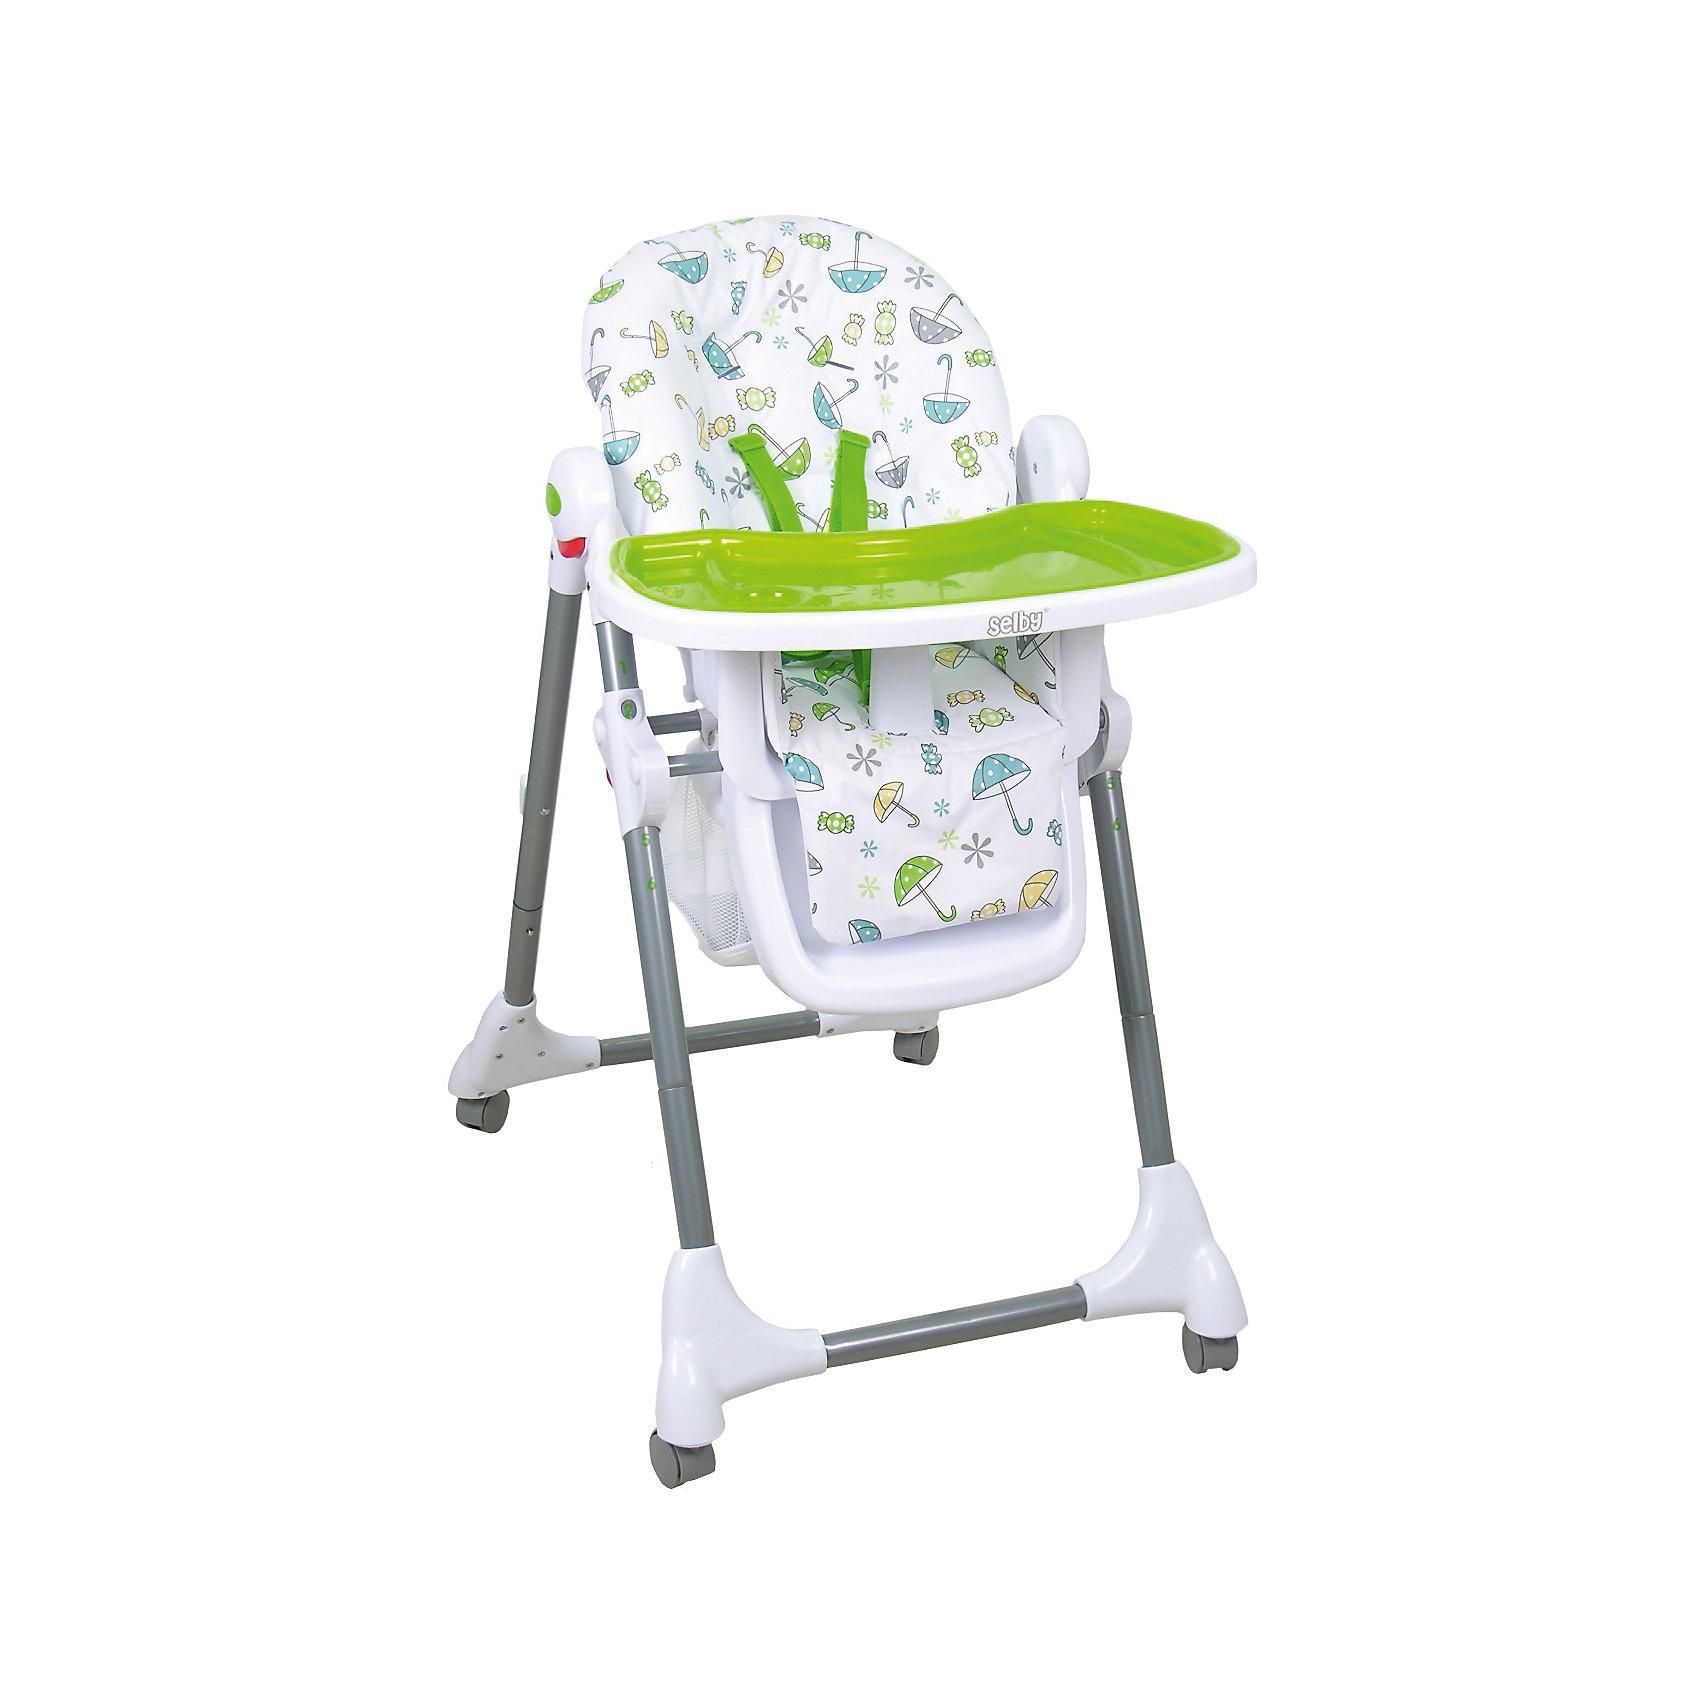 Стульчик для кормления BH-431, Selby, зеленыйот +6 месяцев<br>стульчик имеет столик и съемный поднос с углублениями для посуды, - регулировка столика: 3 положения, - пятиточечный ремень безопасности, - регулировка высоты сидения: 6 положений, сидение съемное, моюшееся, - фиксируемый угол наклона спинки: 3 положения, - подставка для ног, 4 колесика с фиксаторами, корзина для игрушек, - в сложенном виде стоит без опоры, для компактного хранения столик можно установить на задней опоре стульчика<br><br>Ширина мм: 570<br>Глубина мм: 820<br>Высота мм: 1000<br>Вес г: 7900<br>Возраст от месяцев: 6<br>Возраст до месяцев: 36<br>Пол: Унисекс<br>Возраст: Детский<br>SKU: 5610164